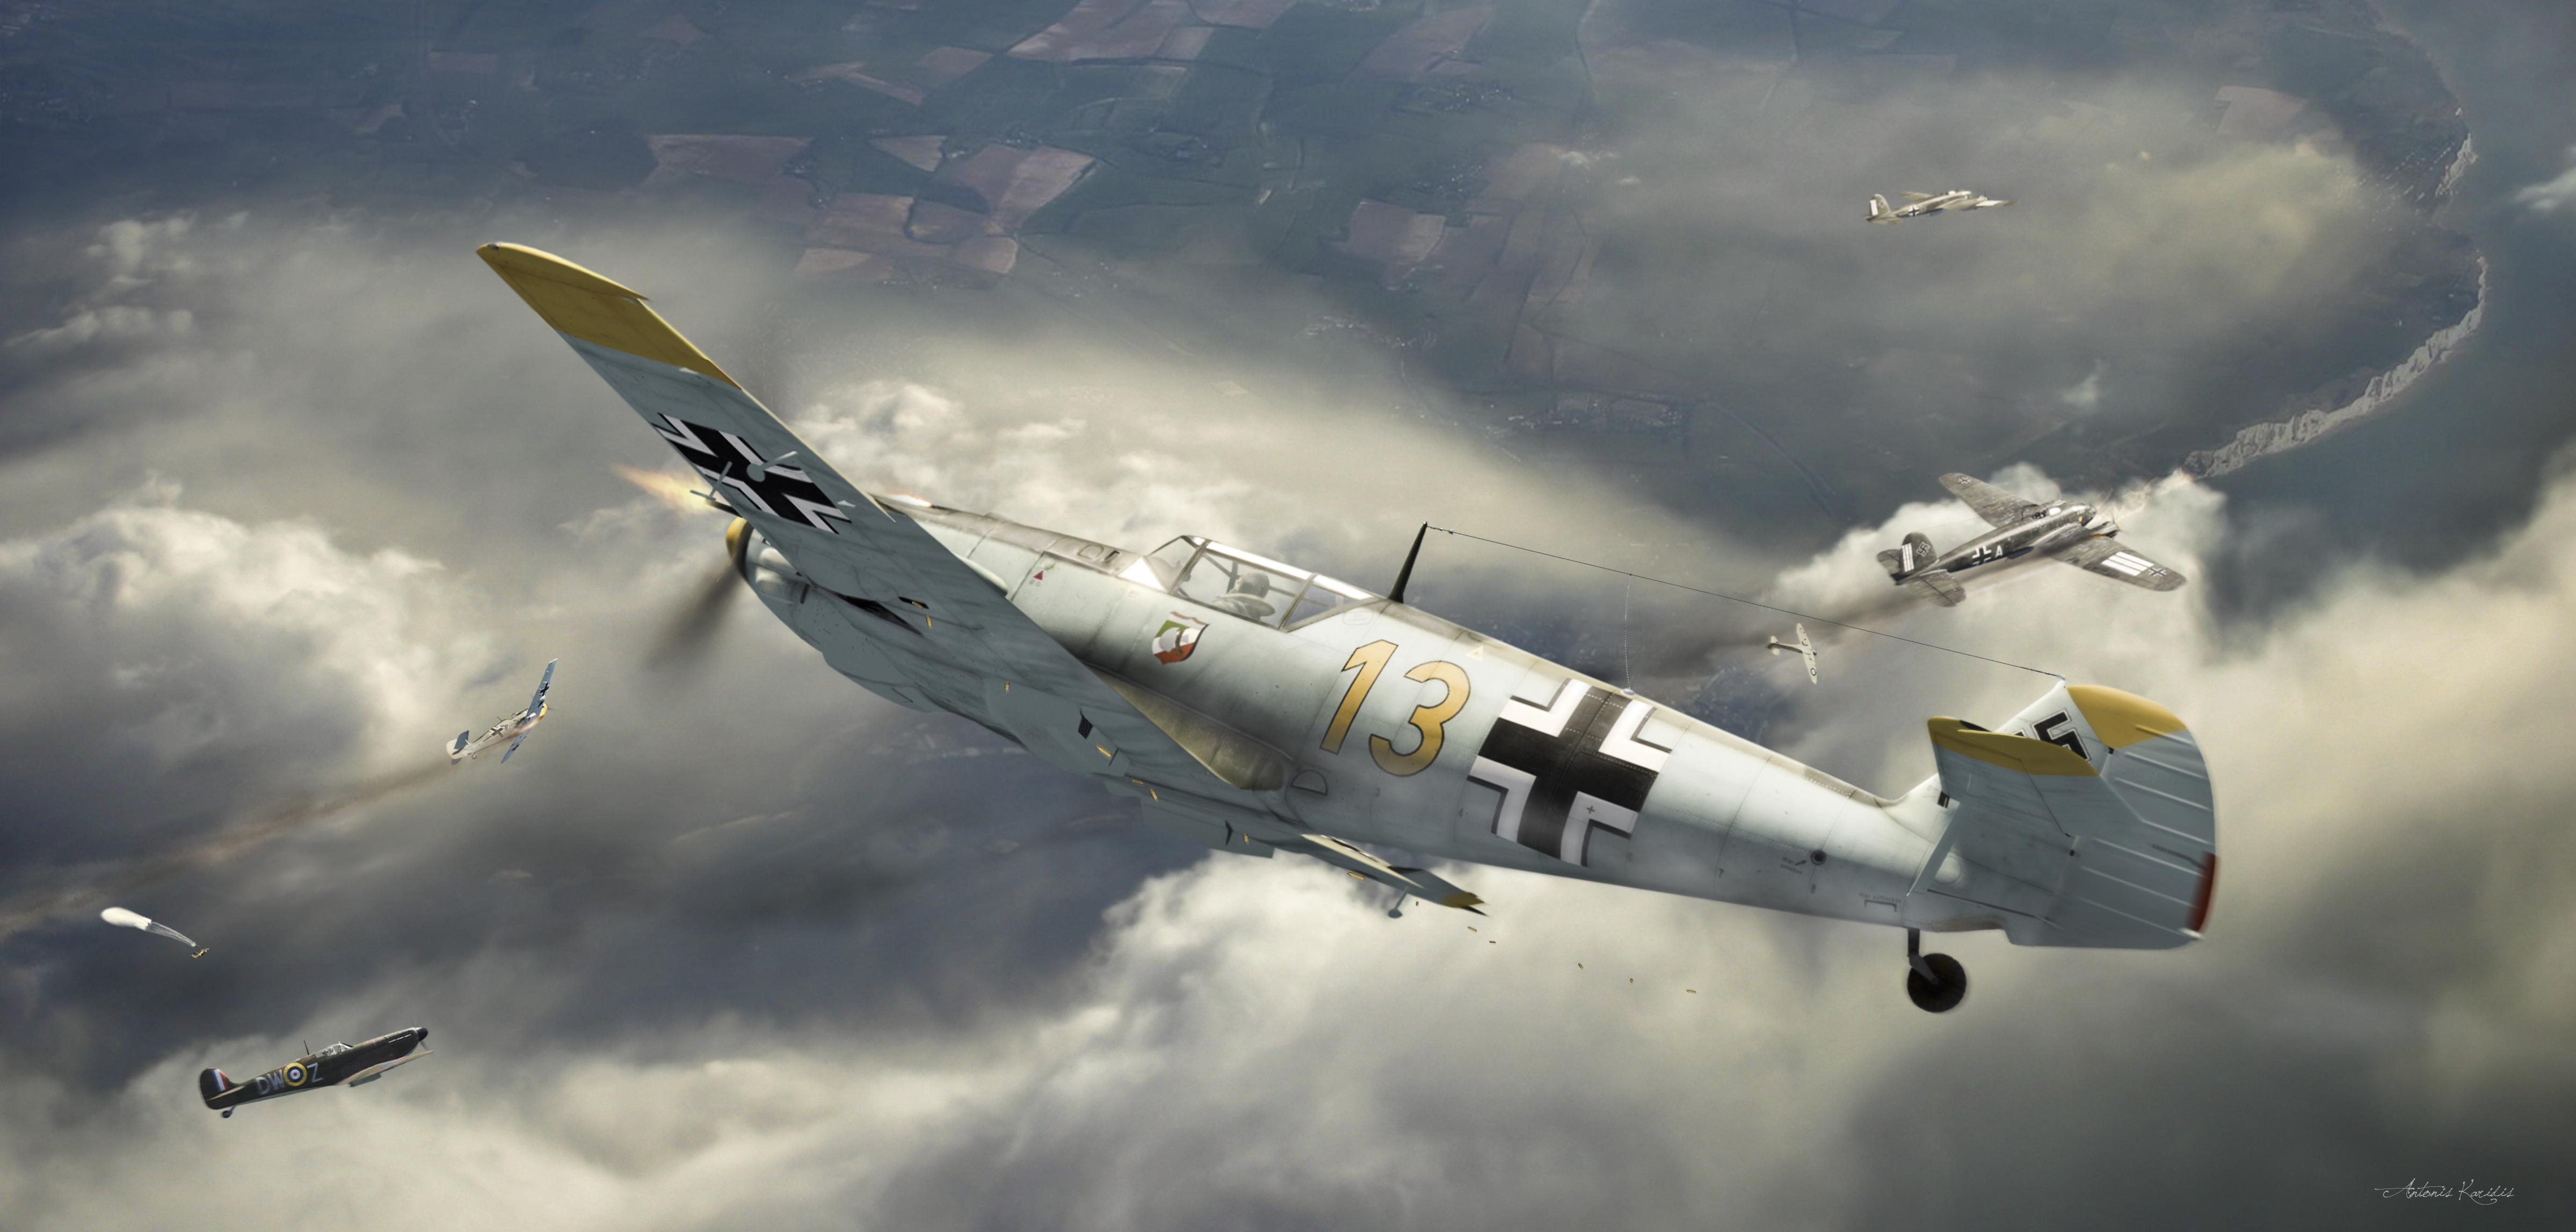 Обои самолет немецкий небо картинки